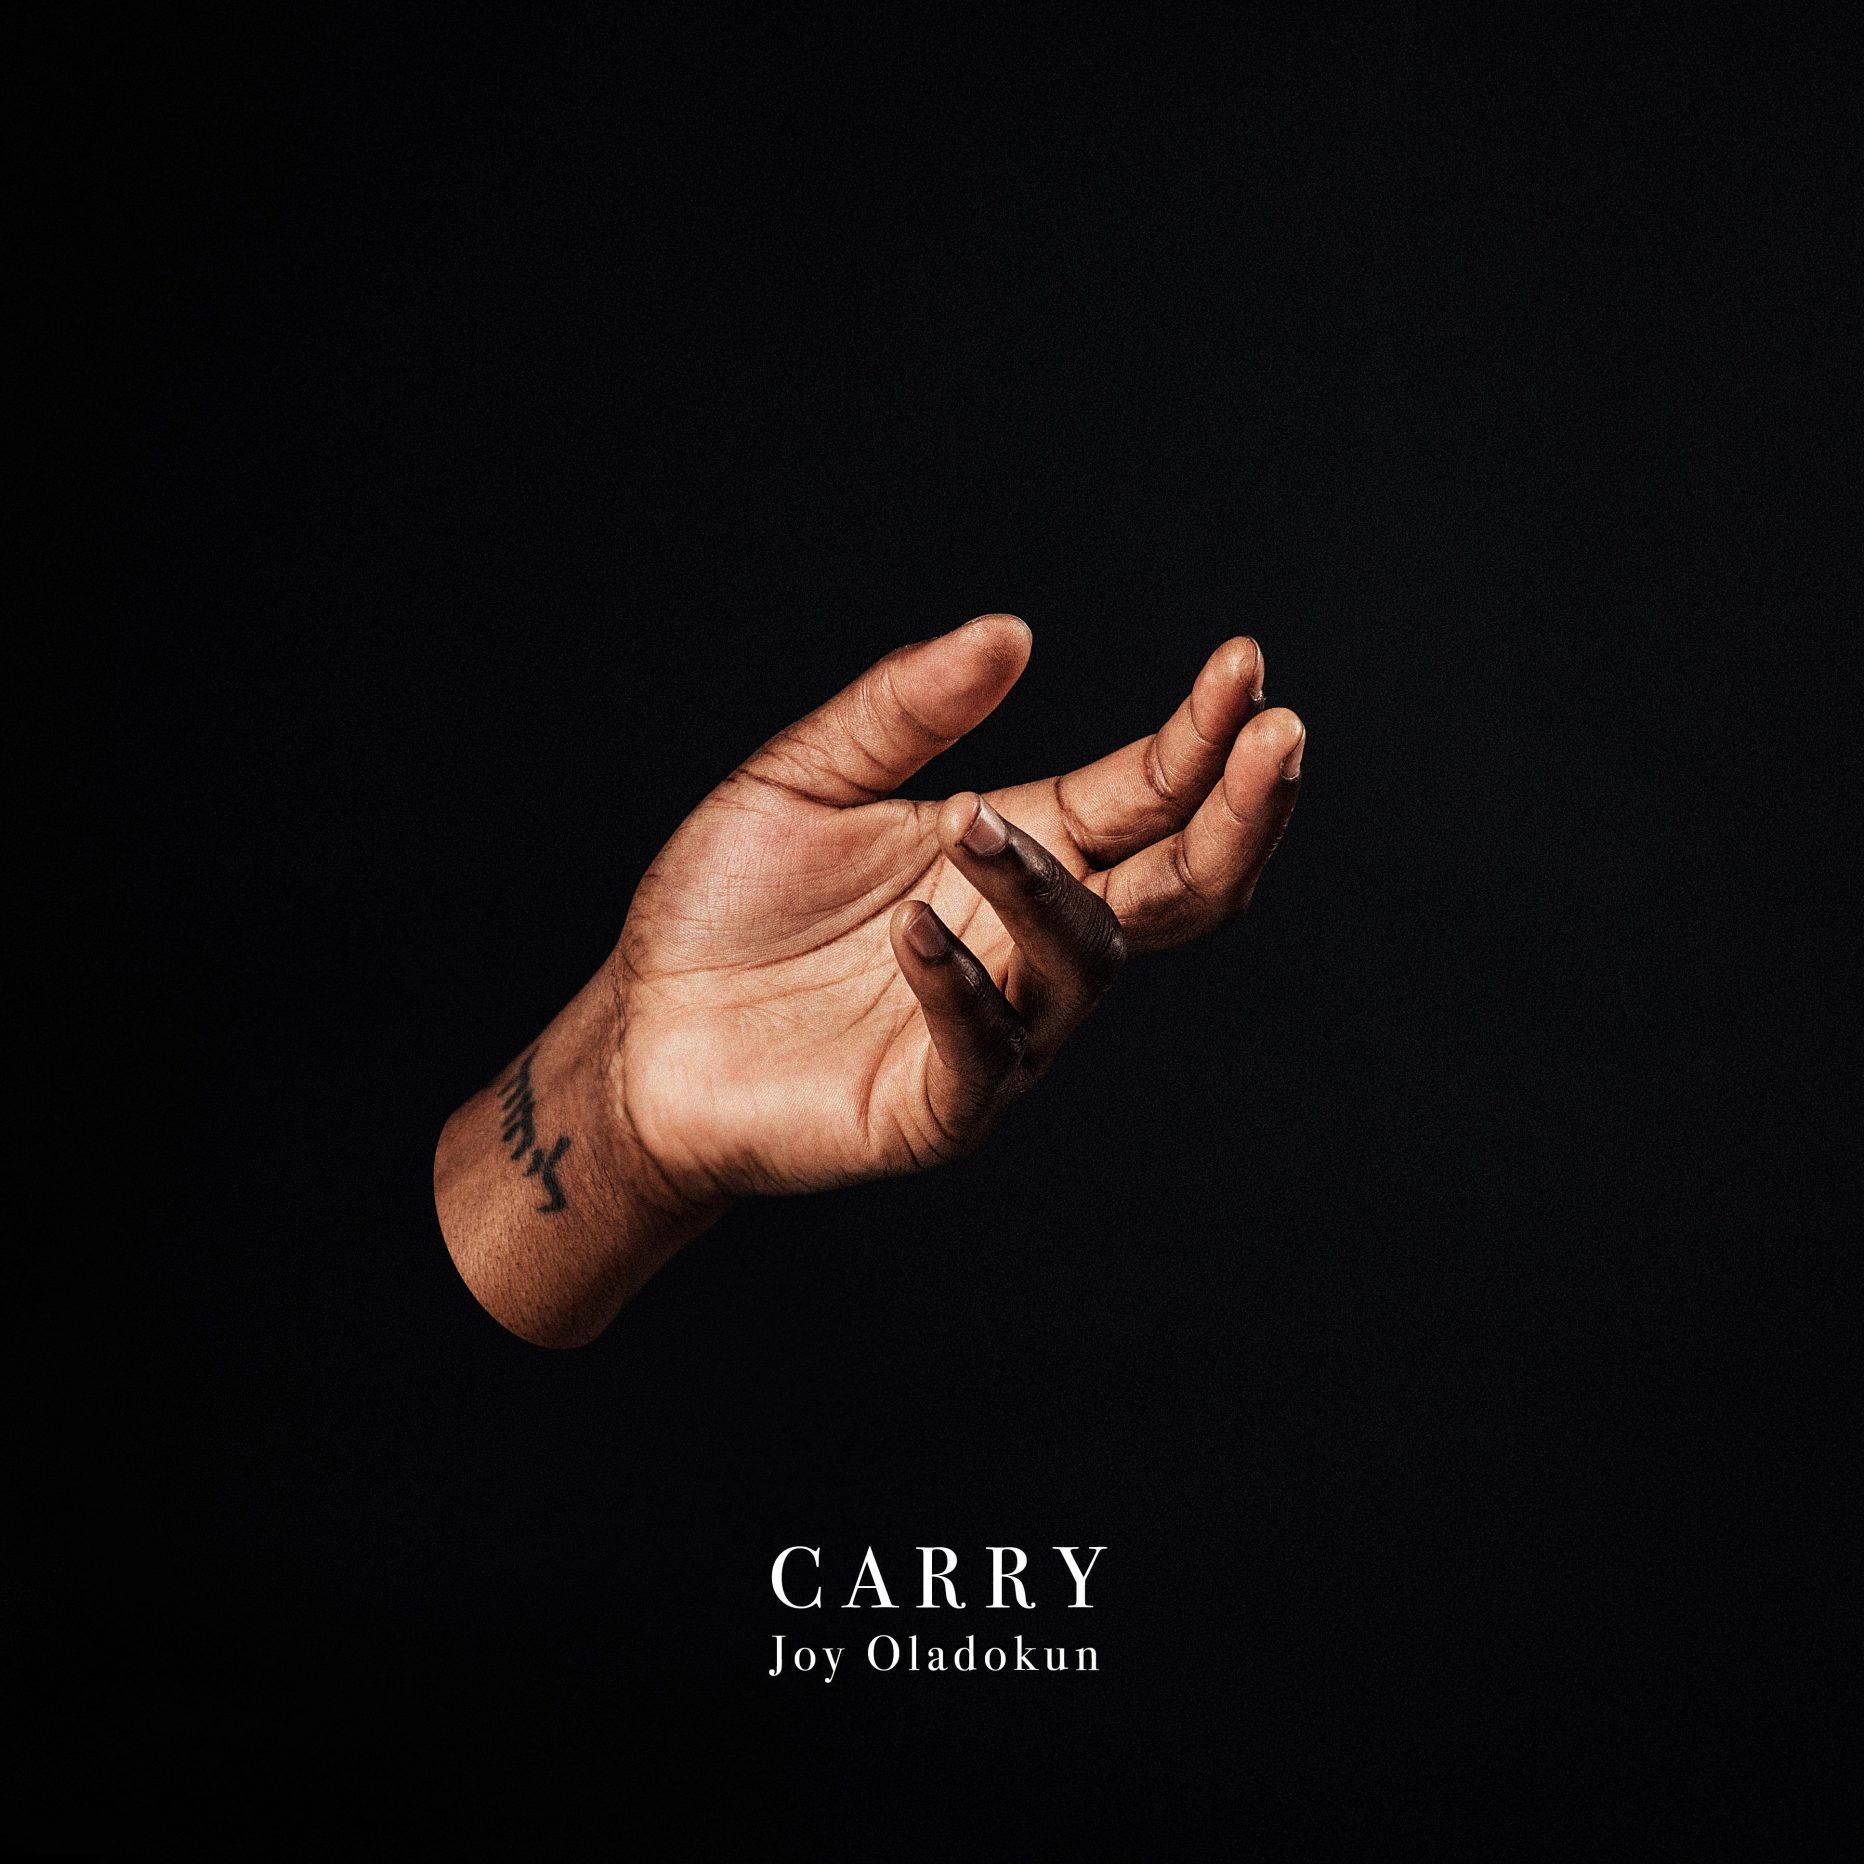 Joy Oladokun – Carry Album Review